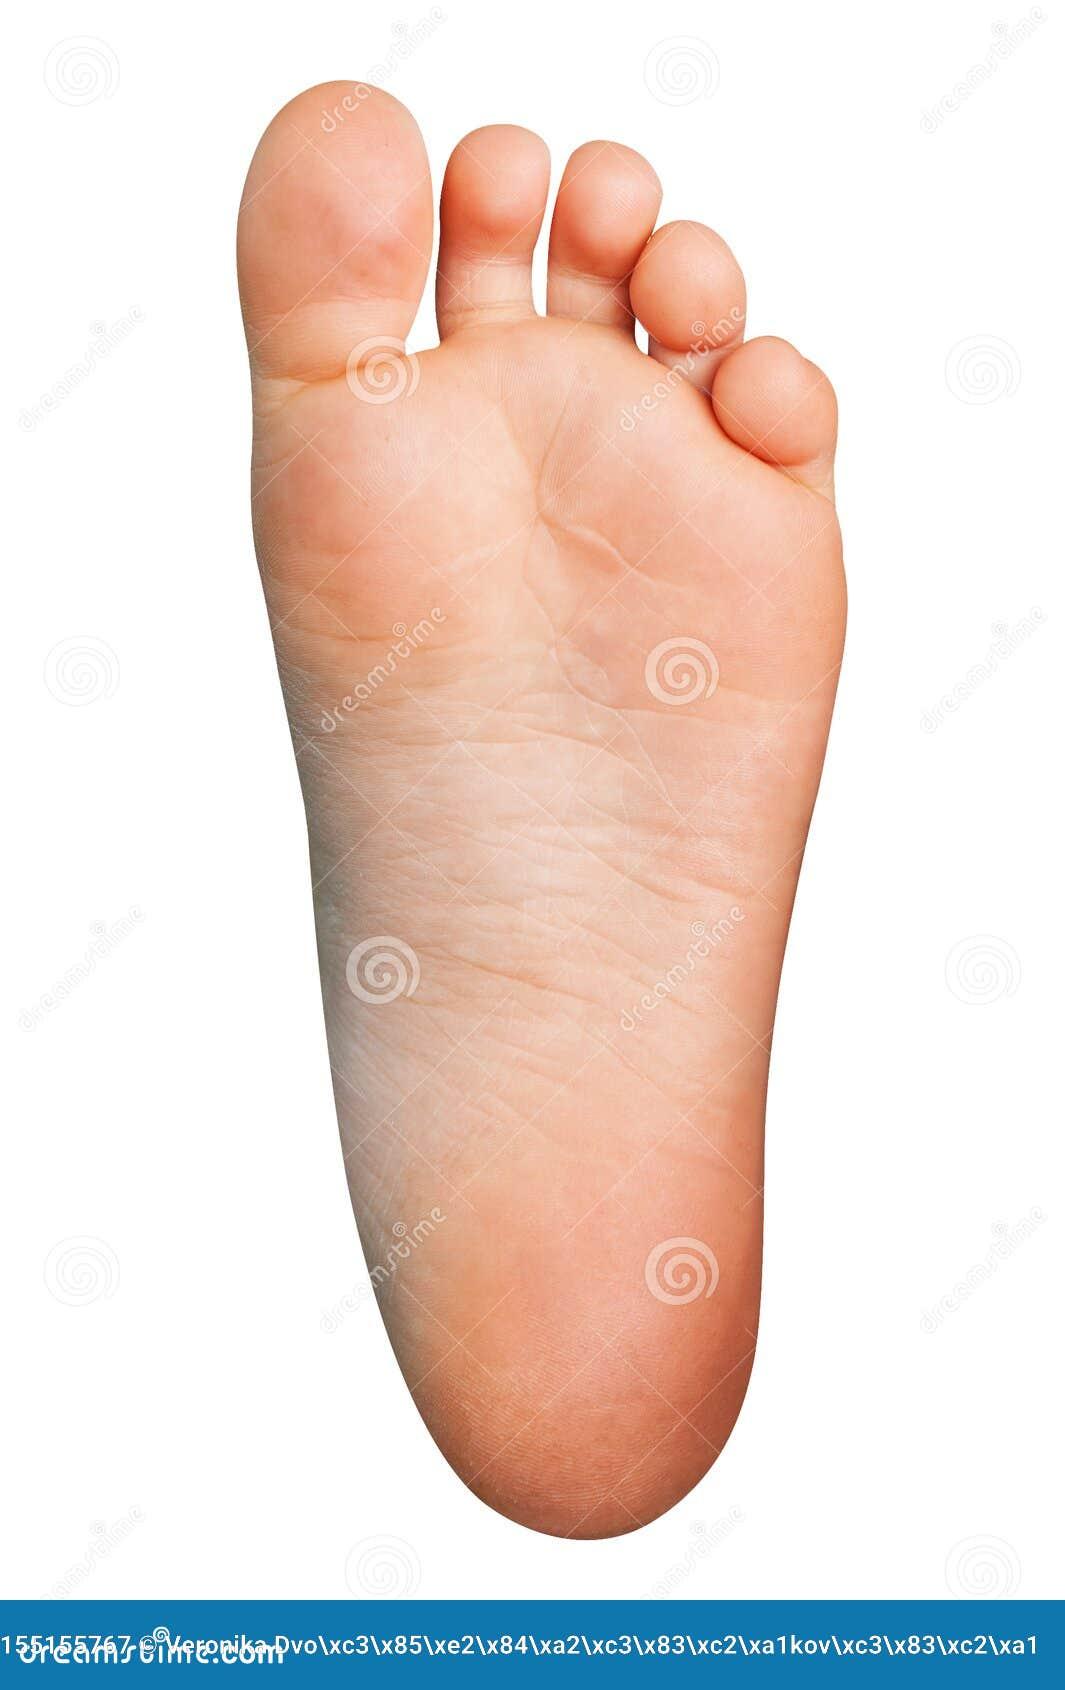 Αριστερό πόδι Cutted έξω Απομονωμένο ανθρώπινο πέλμα στο άσπρο υπόβαθρο